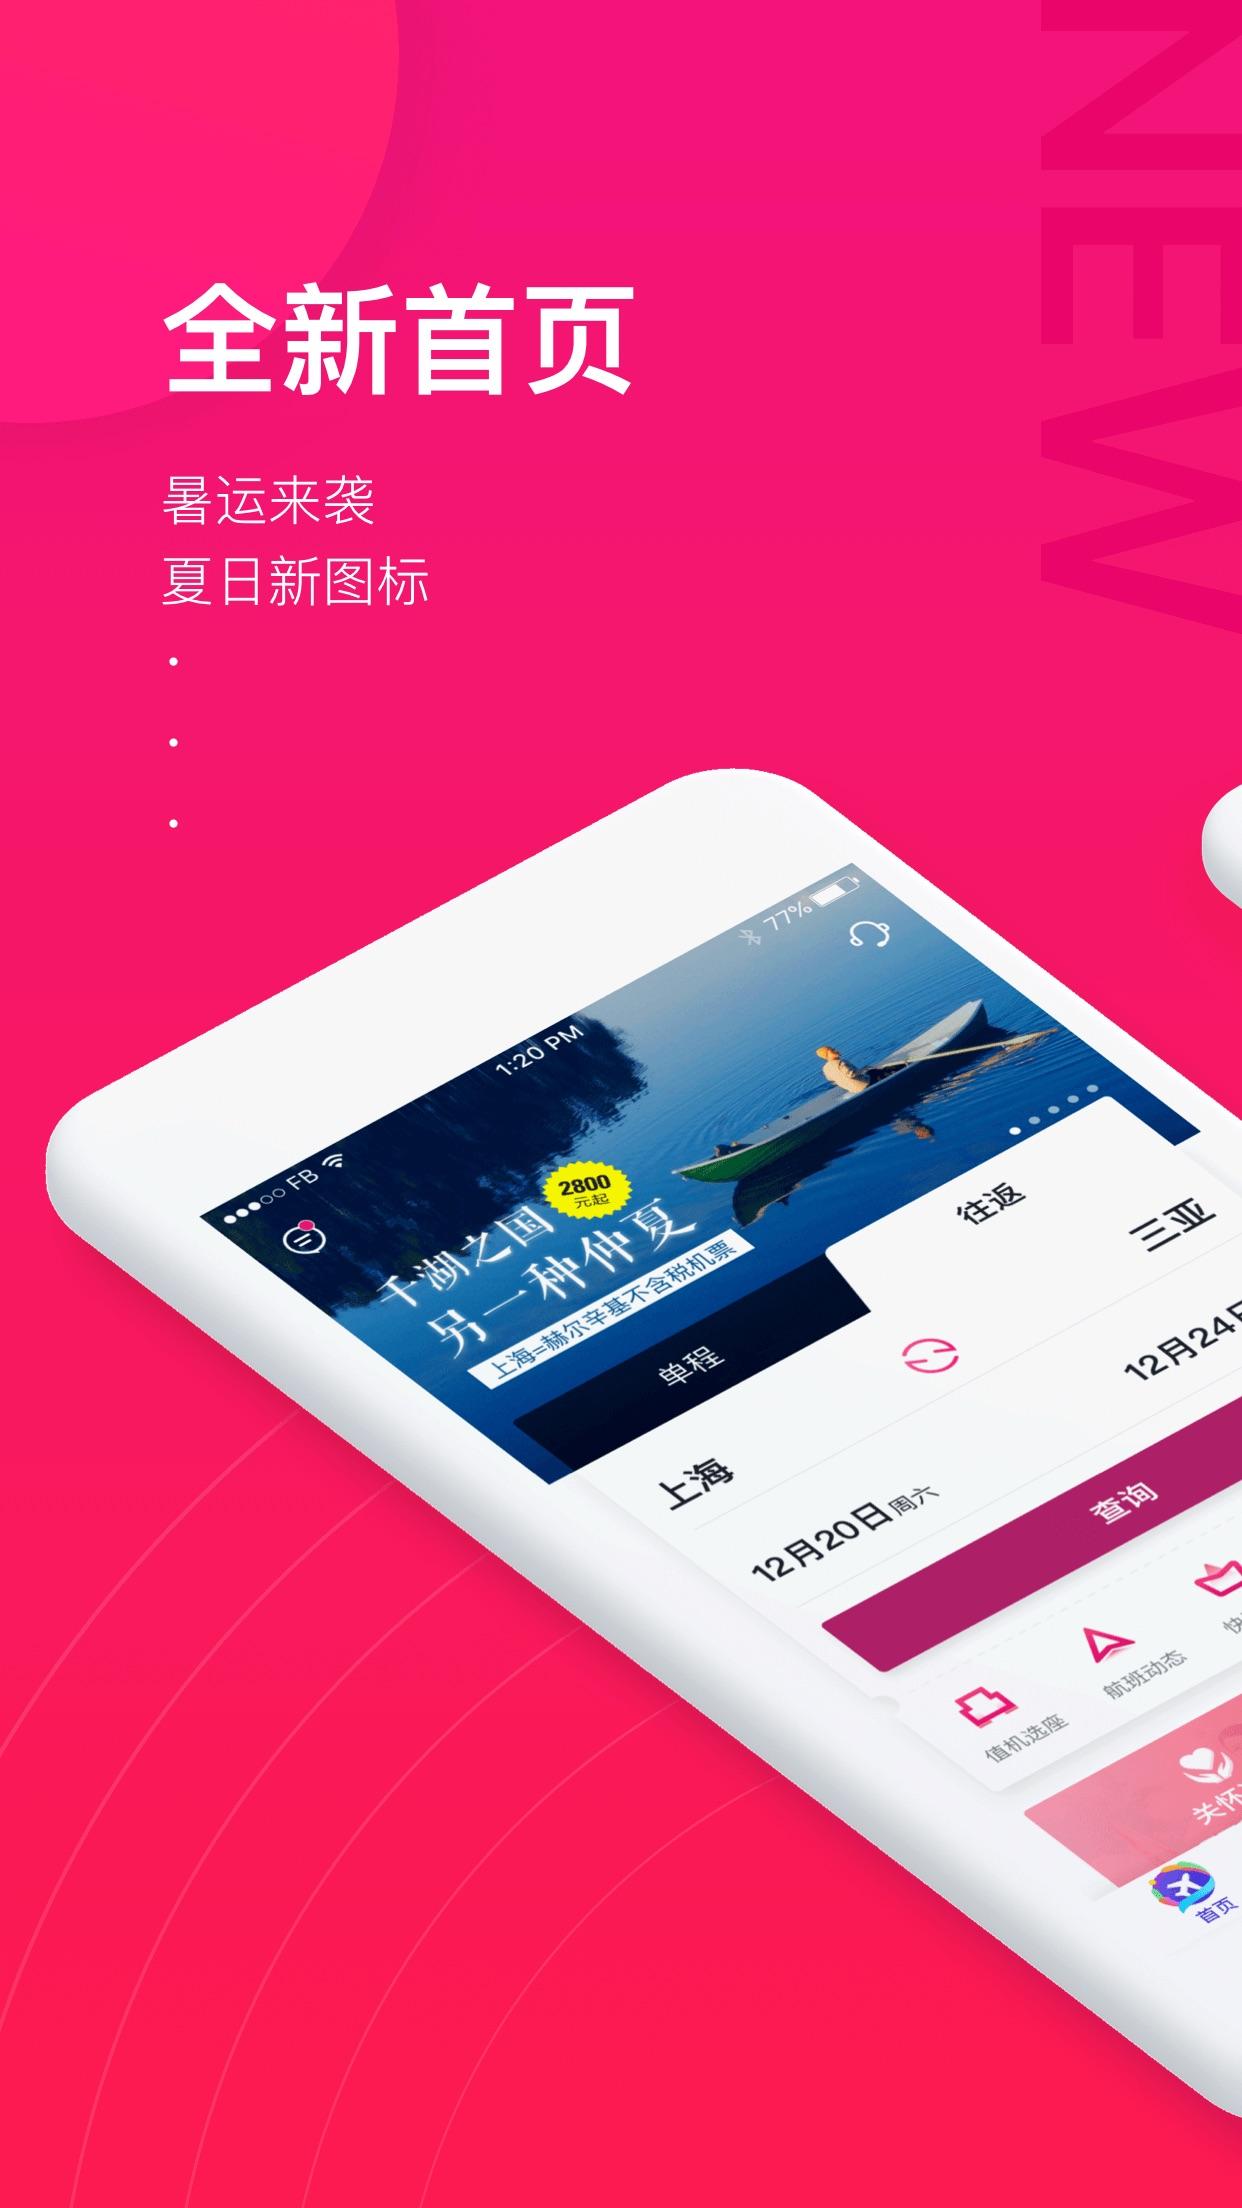 吉祥航空 Screenshot